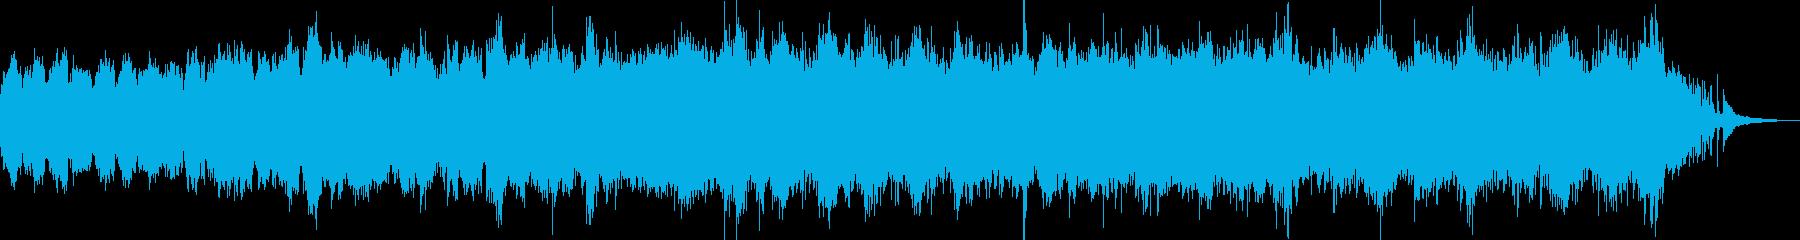 流れるピアノが印象的な癒しBGM Bの再生済みの波形